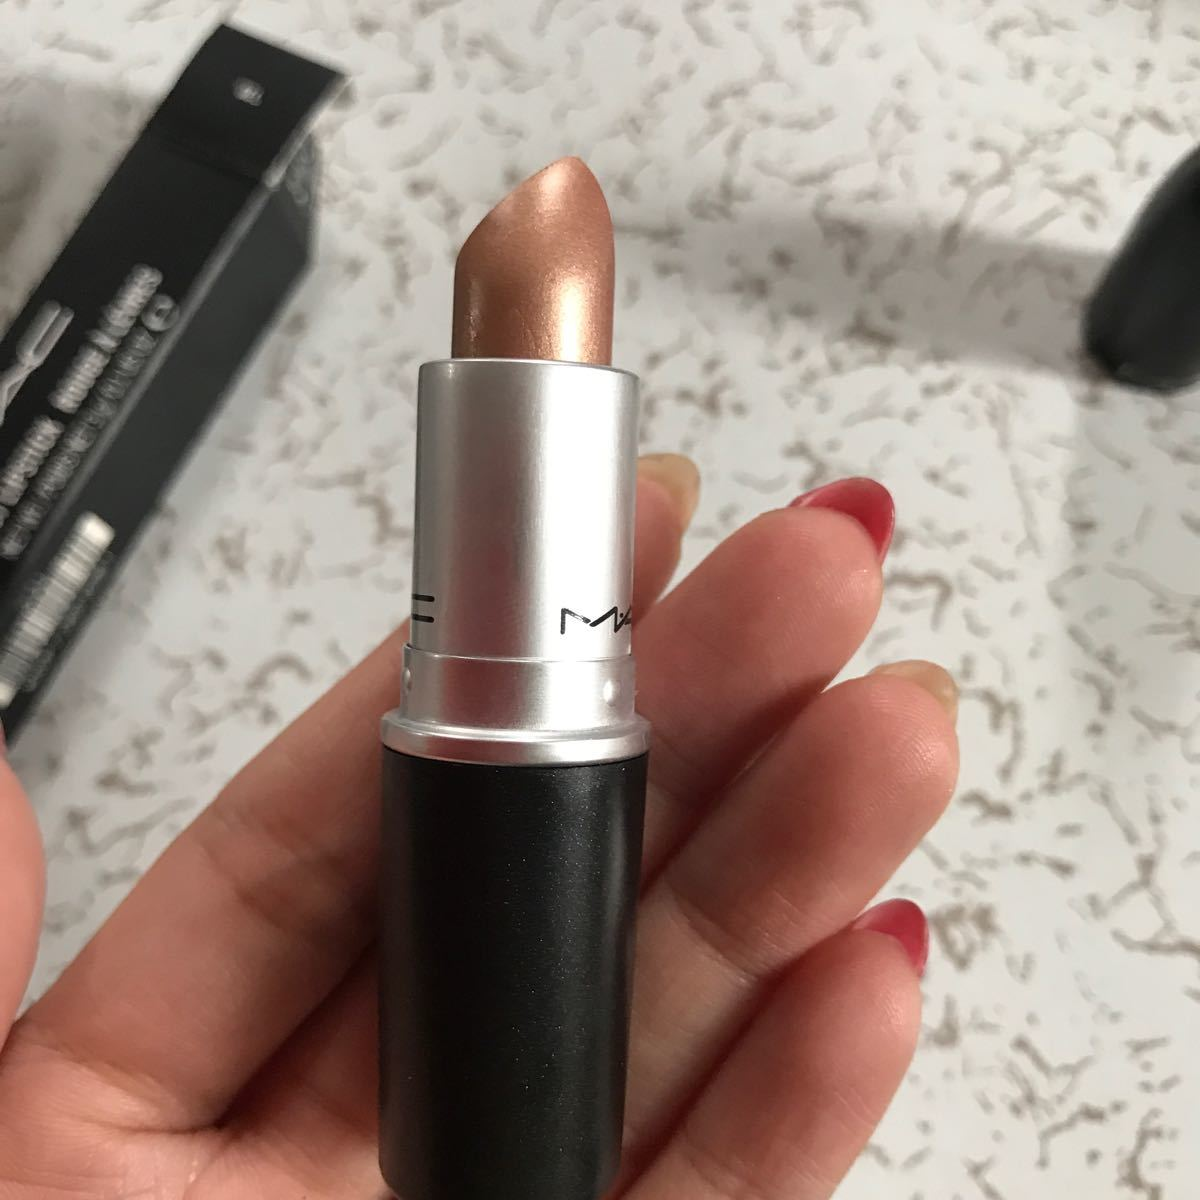 新品 未使用 マック MAC マック 口紅 リップ グロス  Mac リップスティック マックリップスティック LIPSTICK